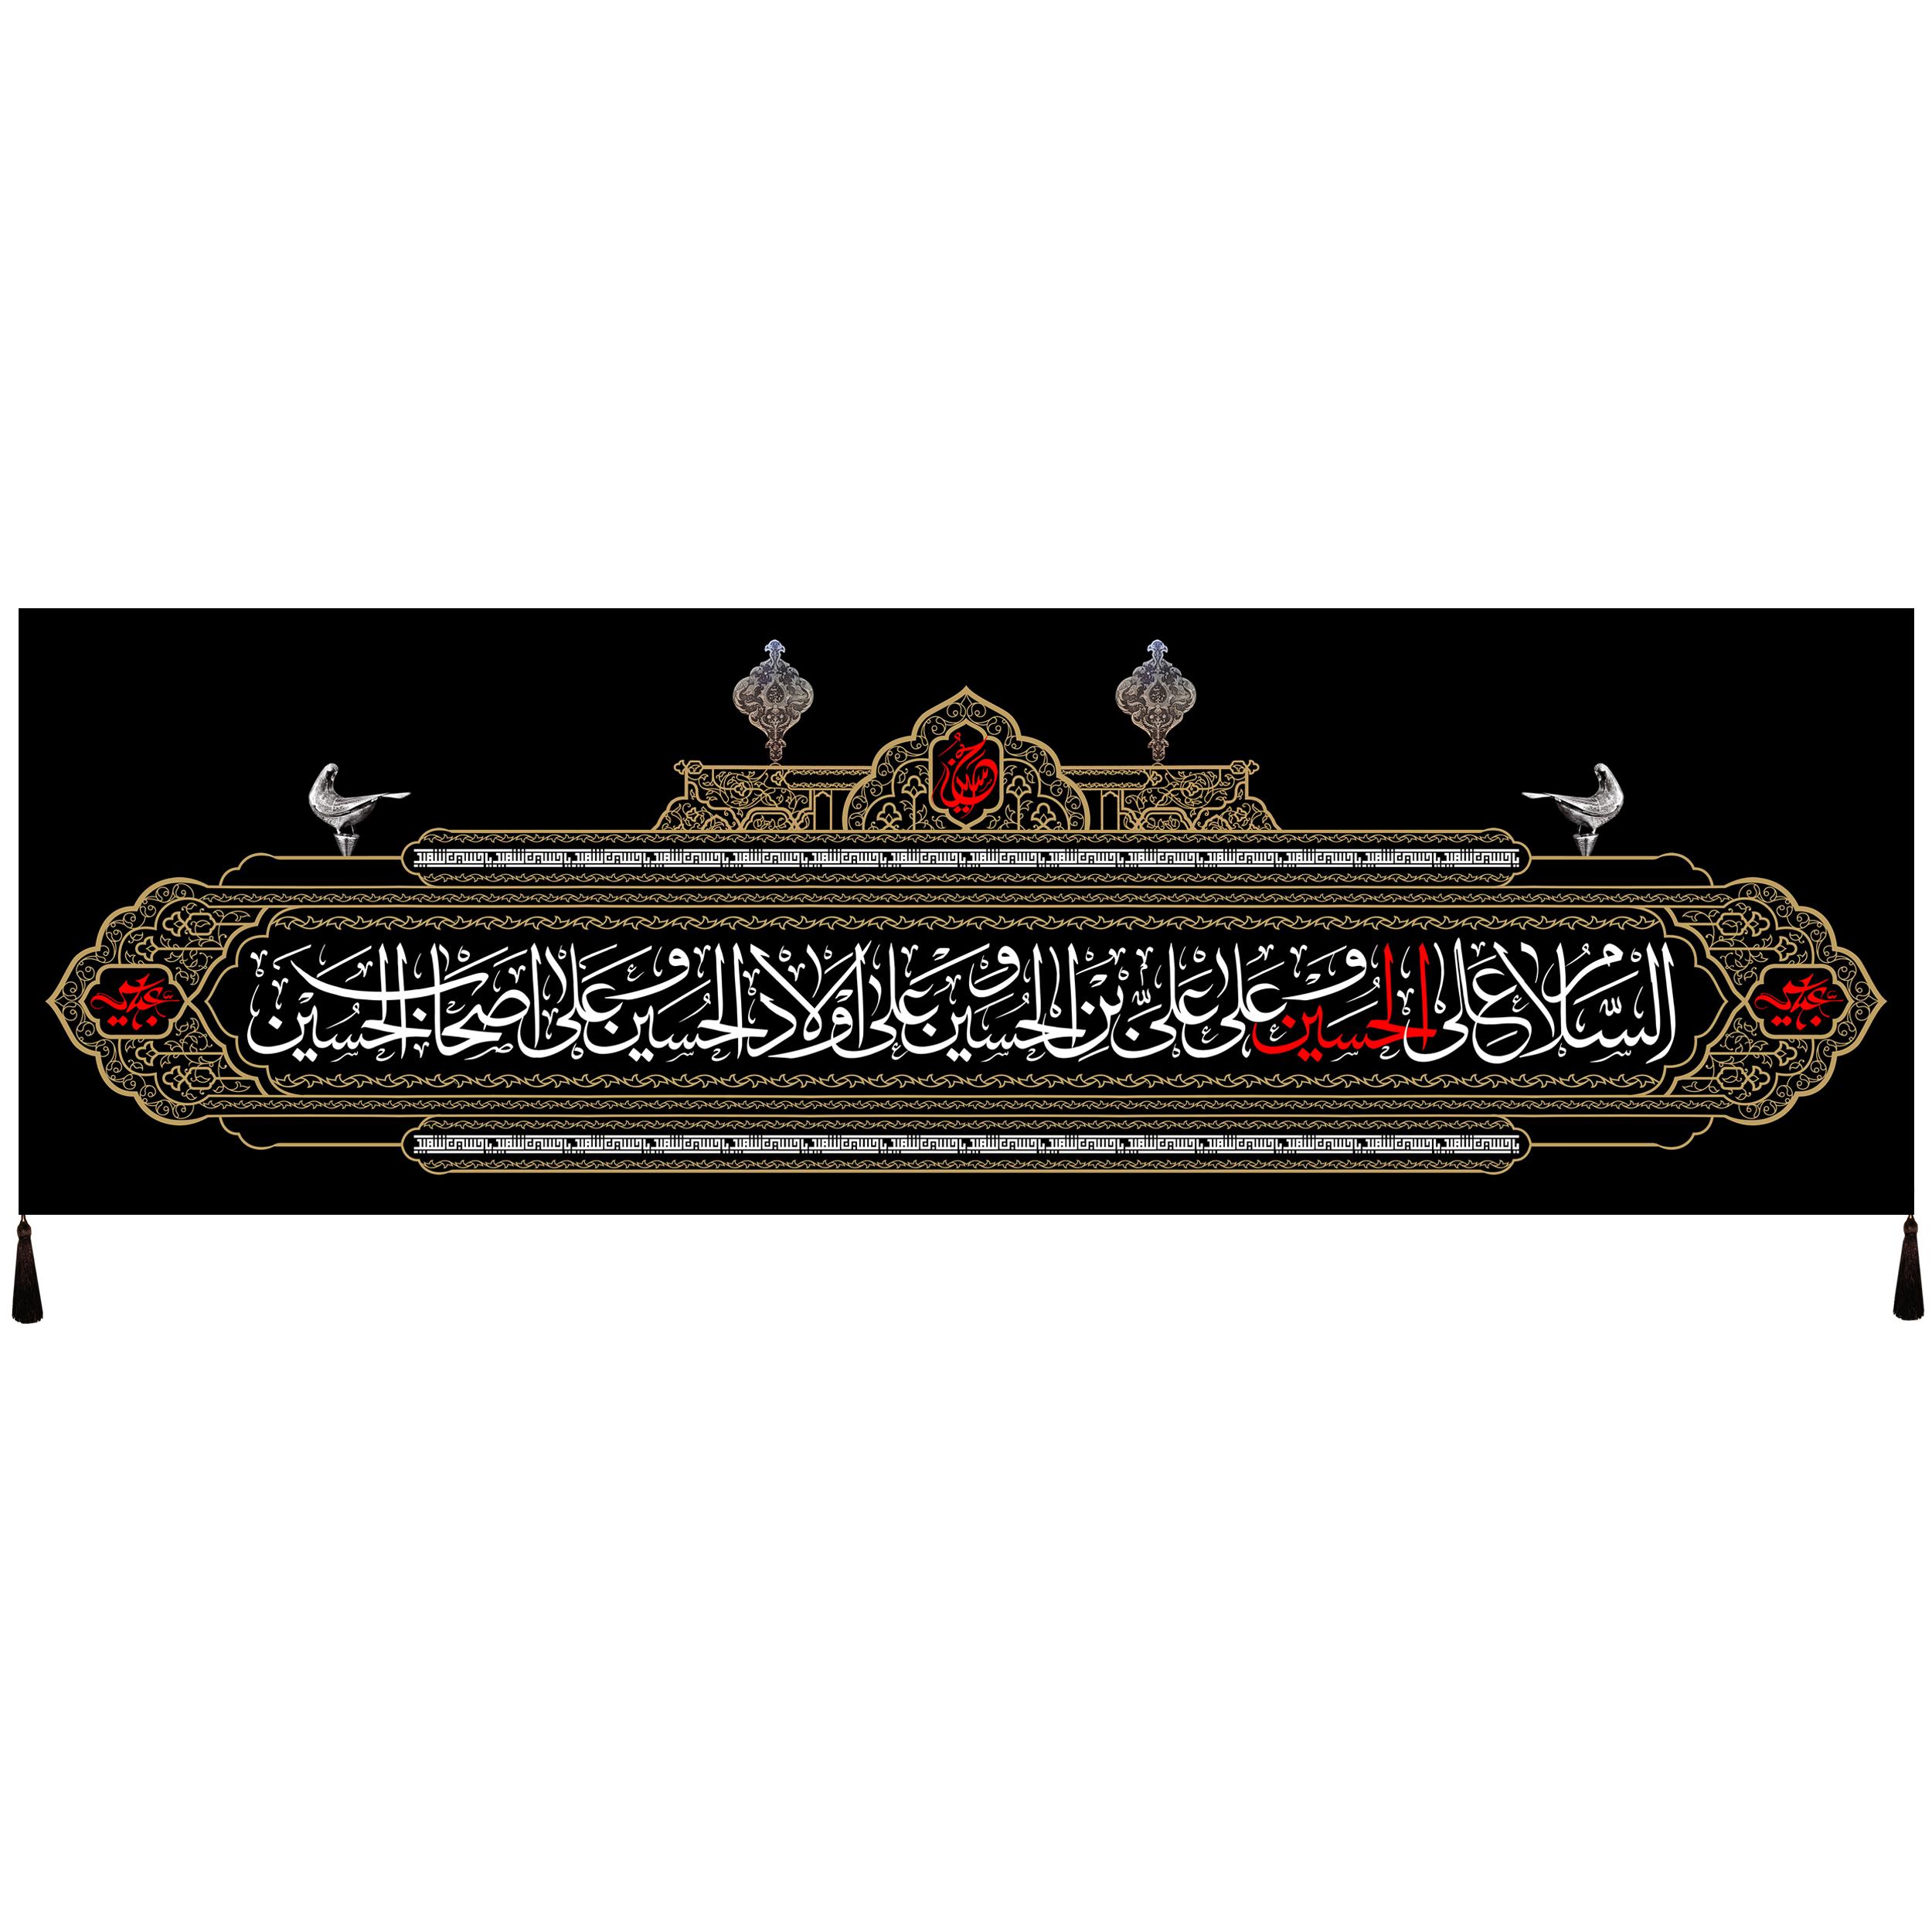 پرچم مدل محرم السلام علی الحسین کد 1089.1